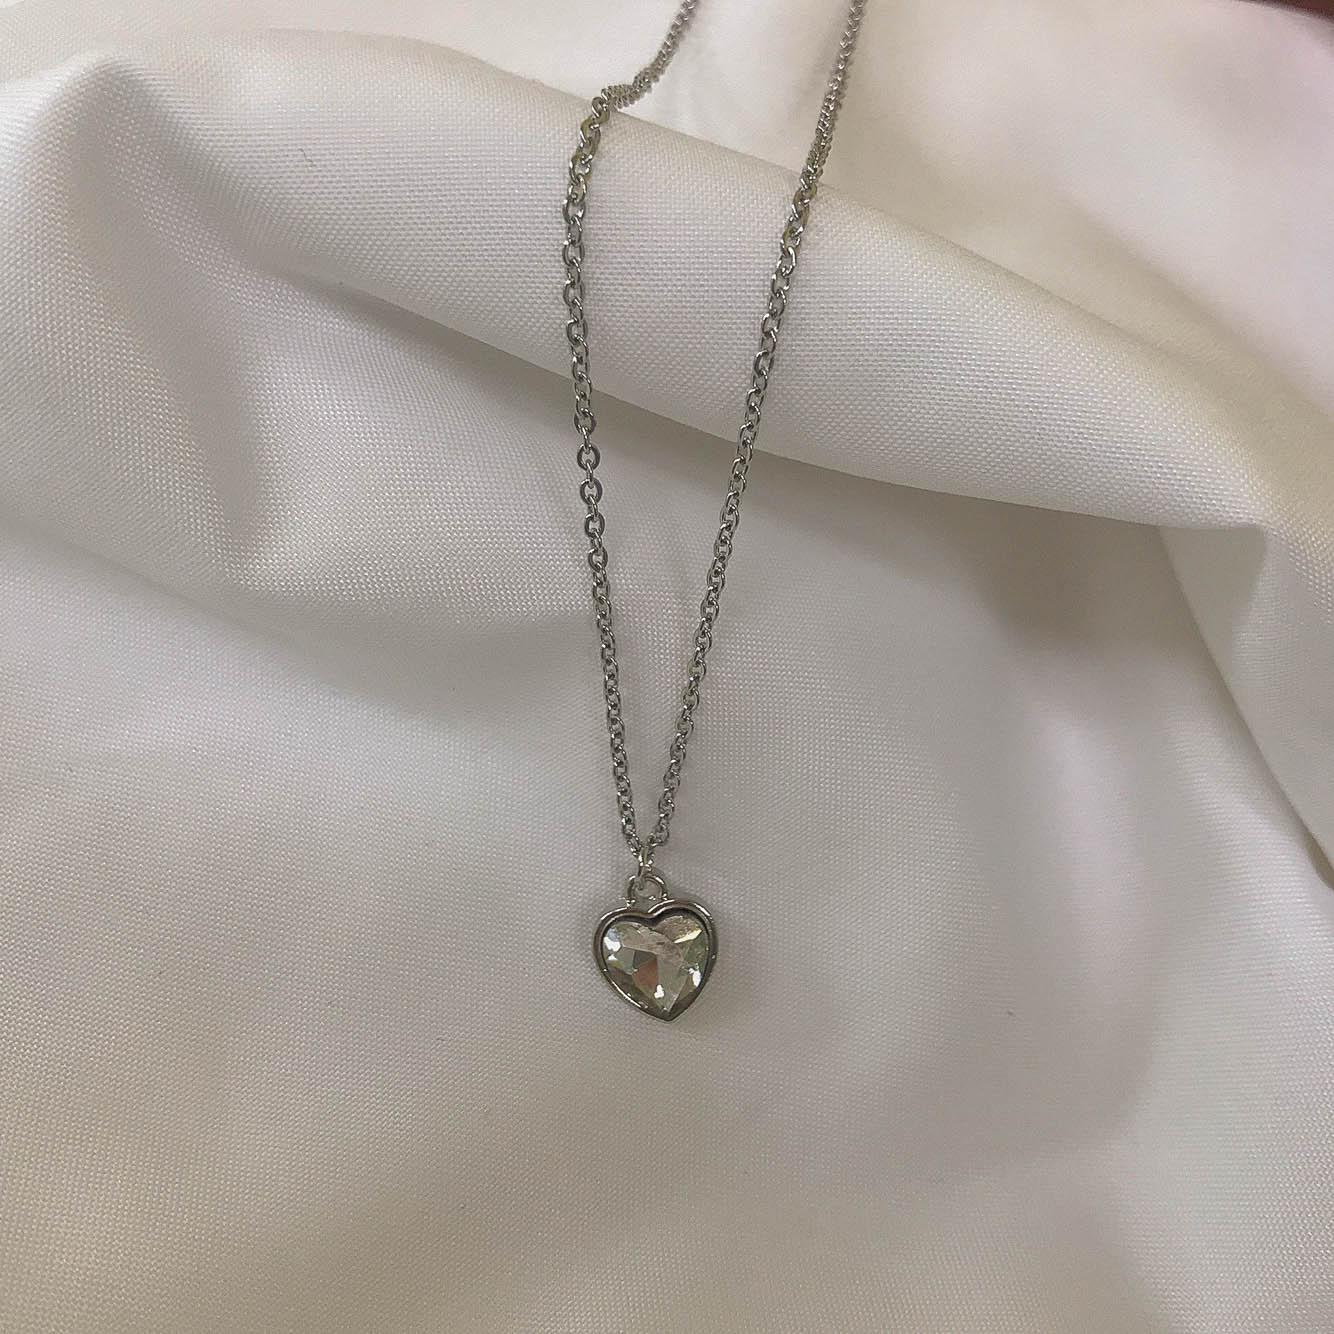 원플원-영롱 엔틱 크리스탈 하트 목걸이 - 문라이츠, 9,900원, 실버, 펜던트목걸이